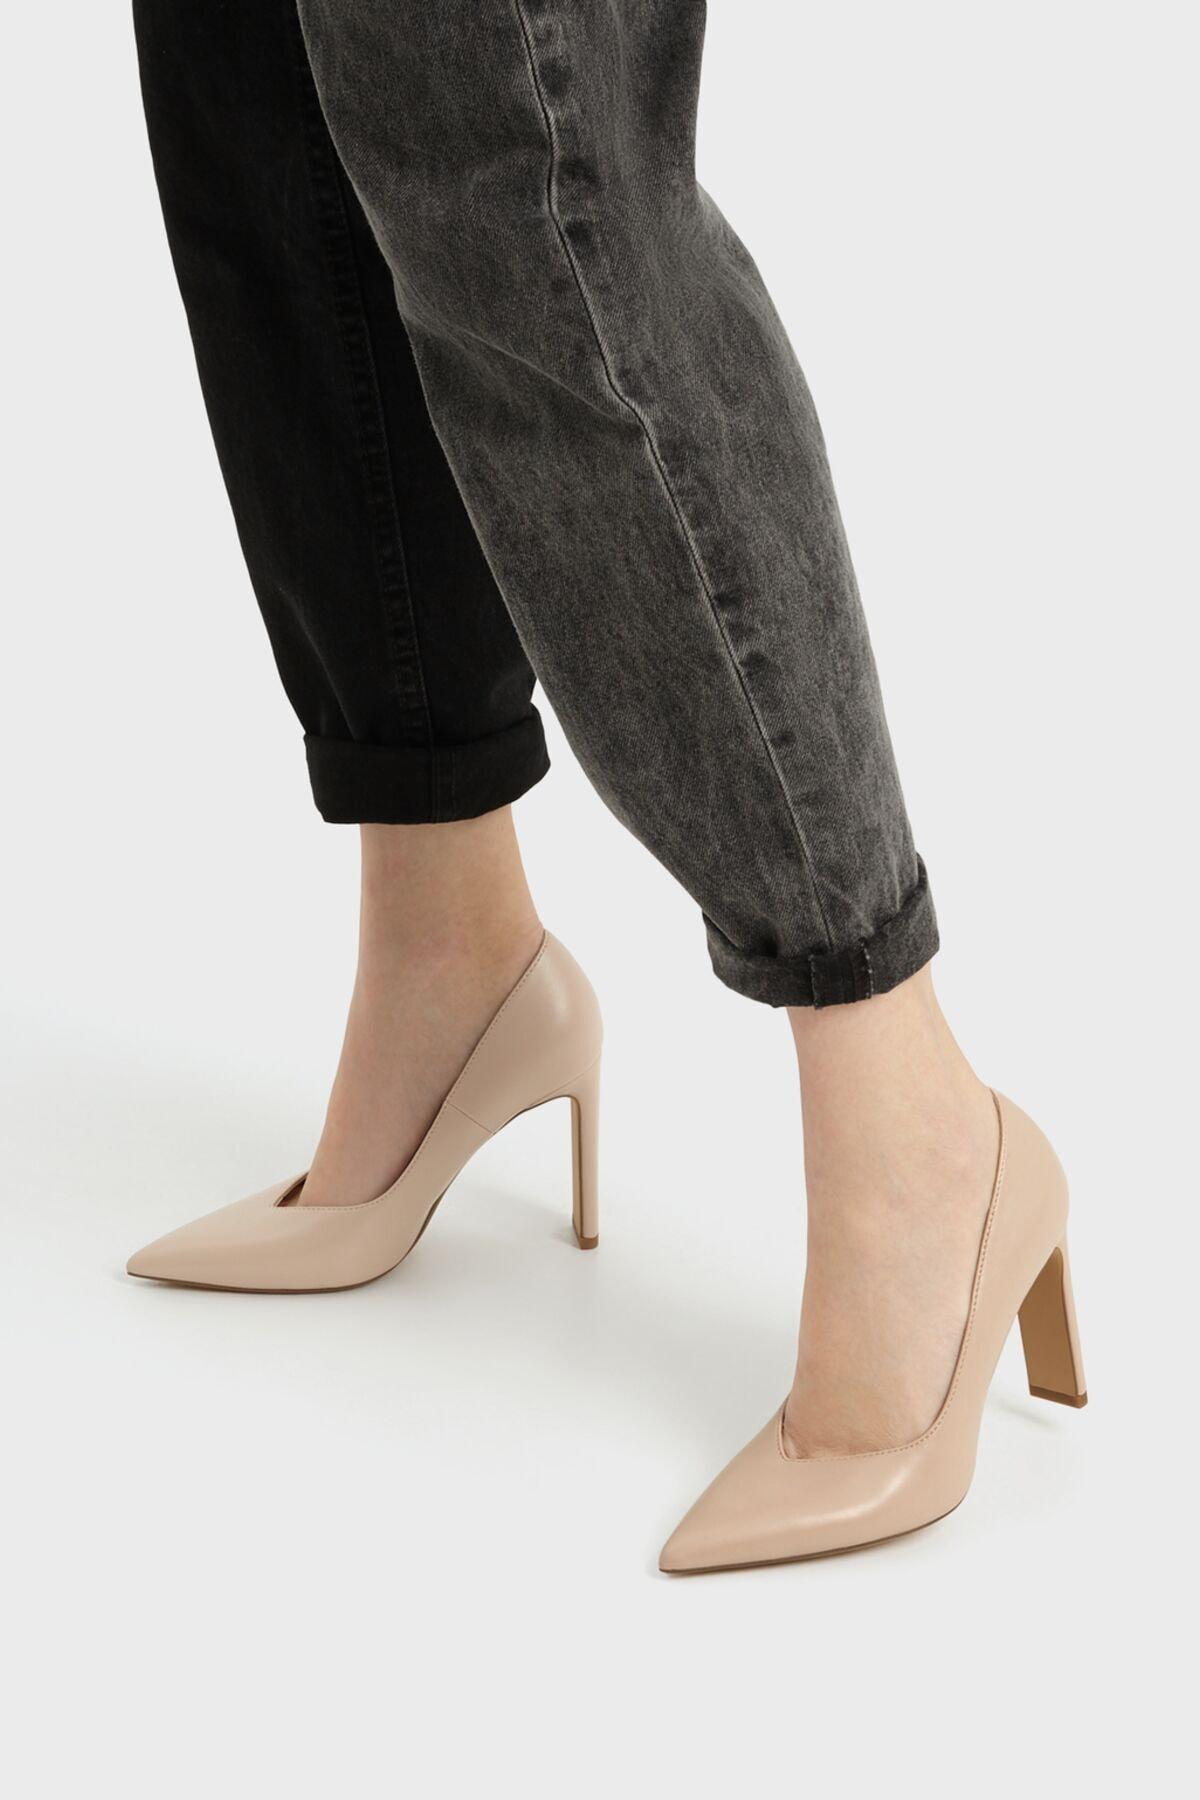 Bershka Kadın Bej V Kesim Topuklu Ayakkabı 11308760 1